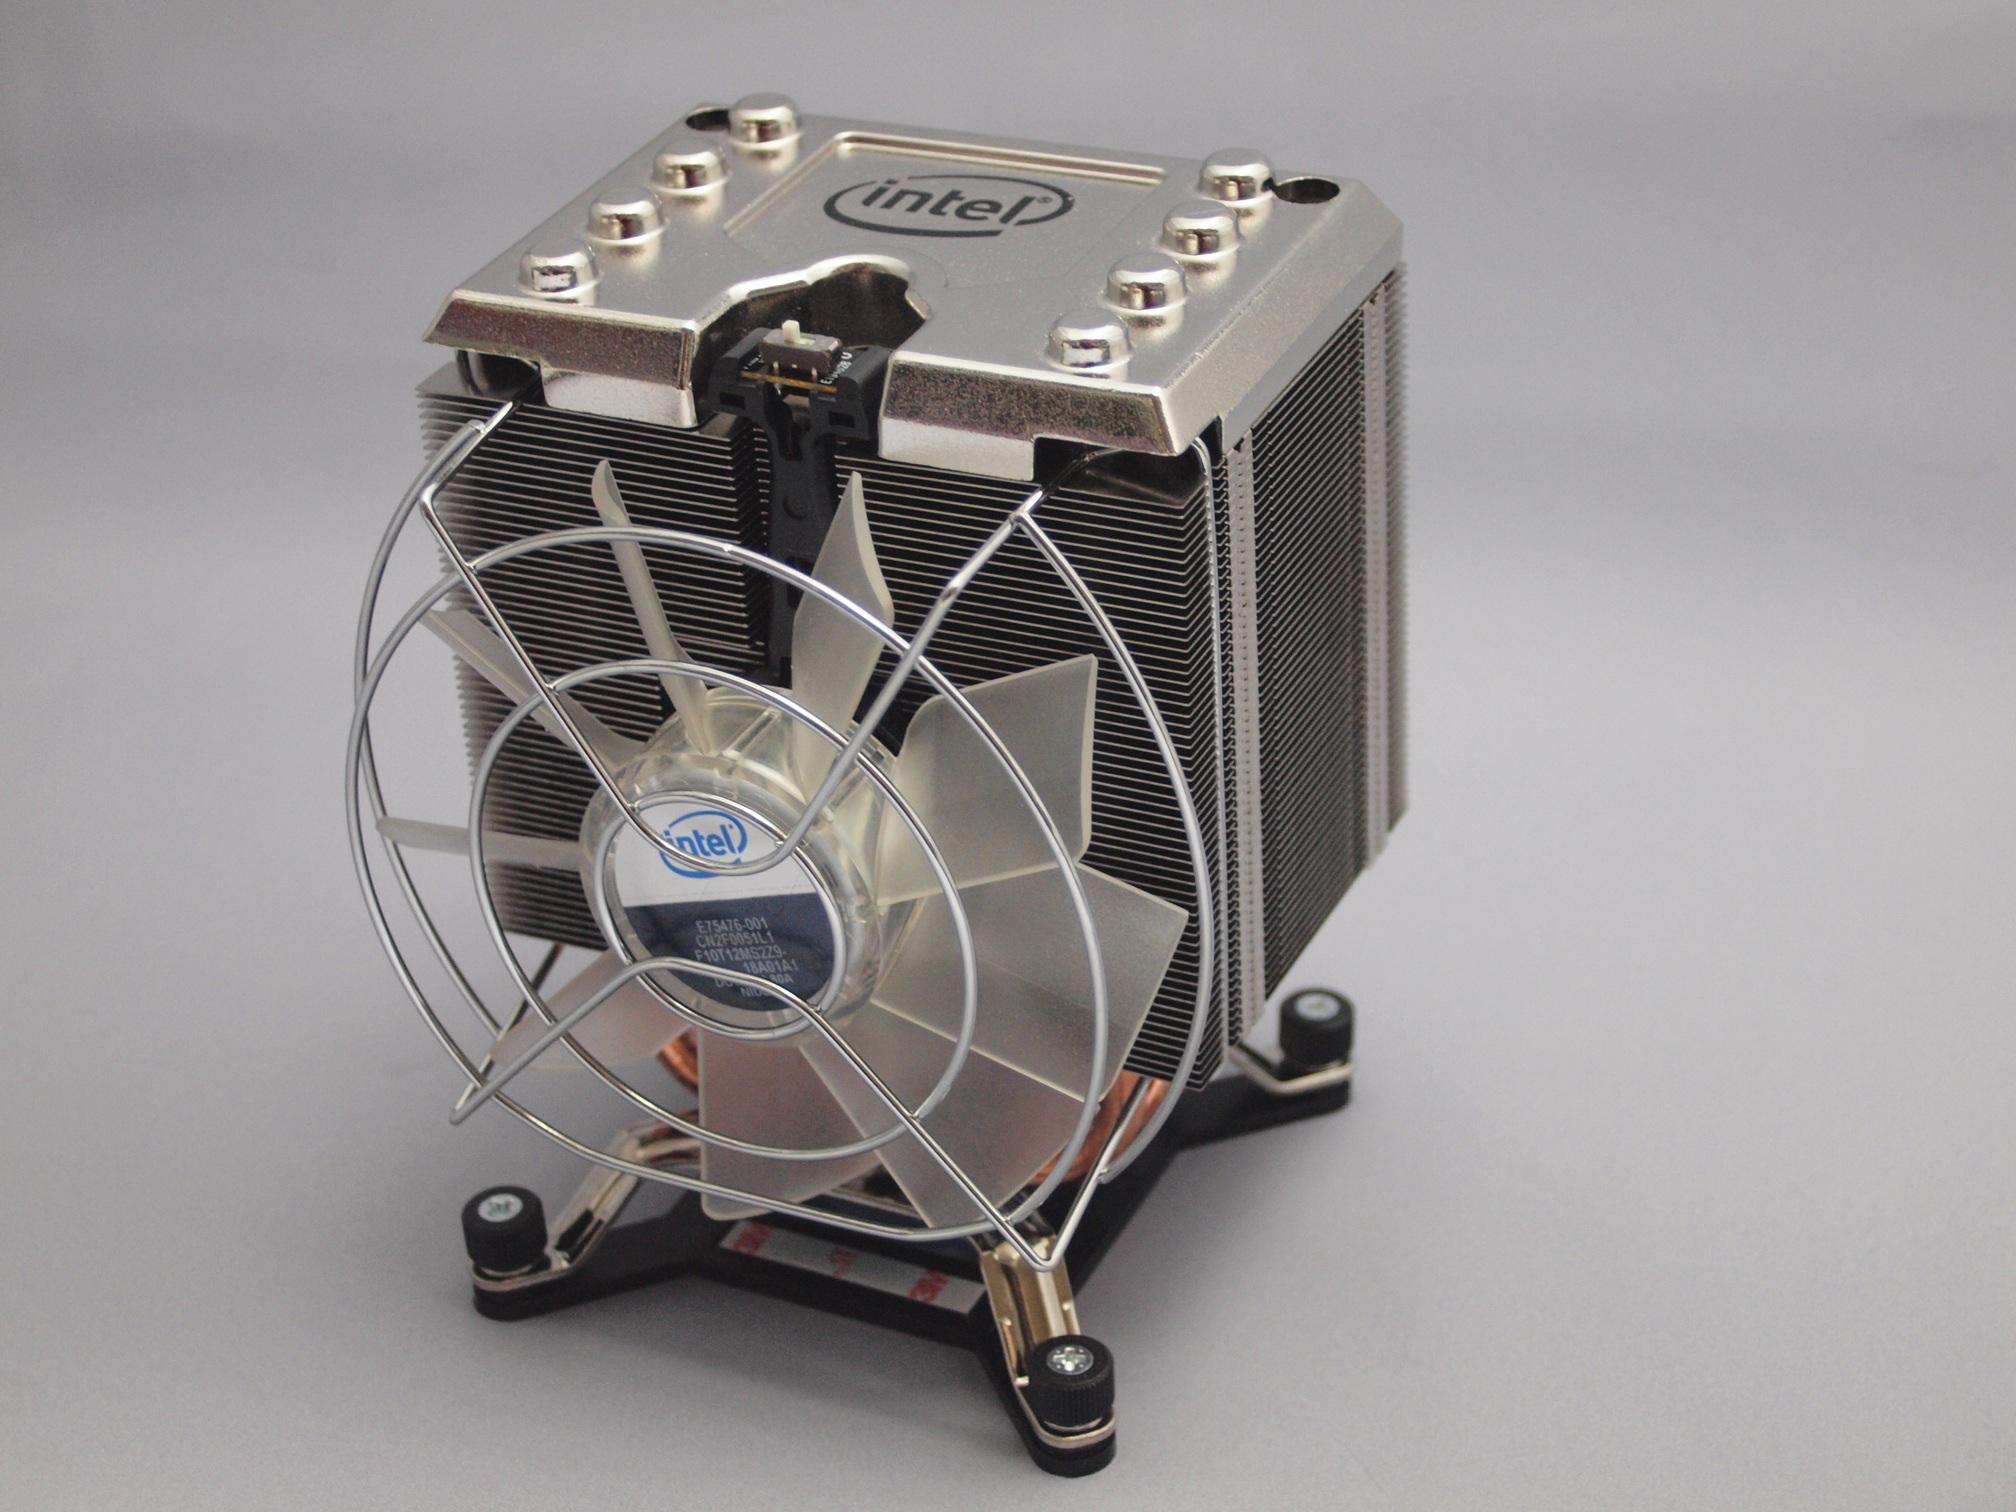 Core i7-980Xのリテールヒートシンク。サイドフロー式になった。ファンの上にモード切替スイッチがある